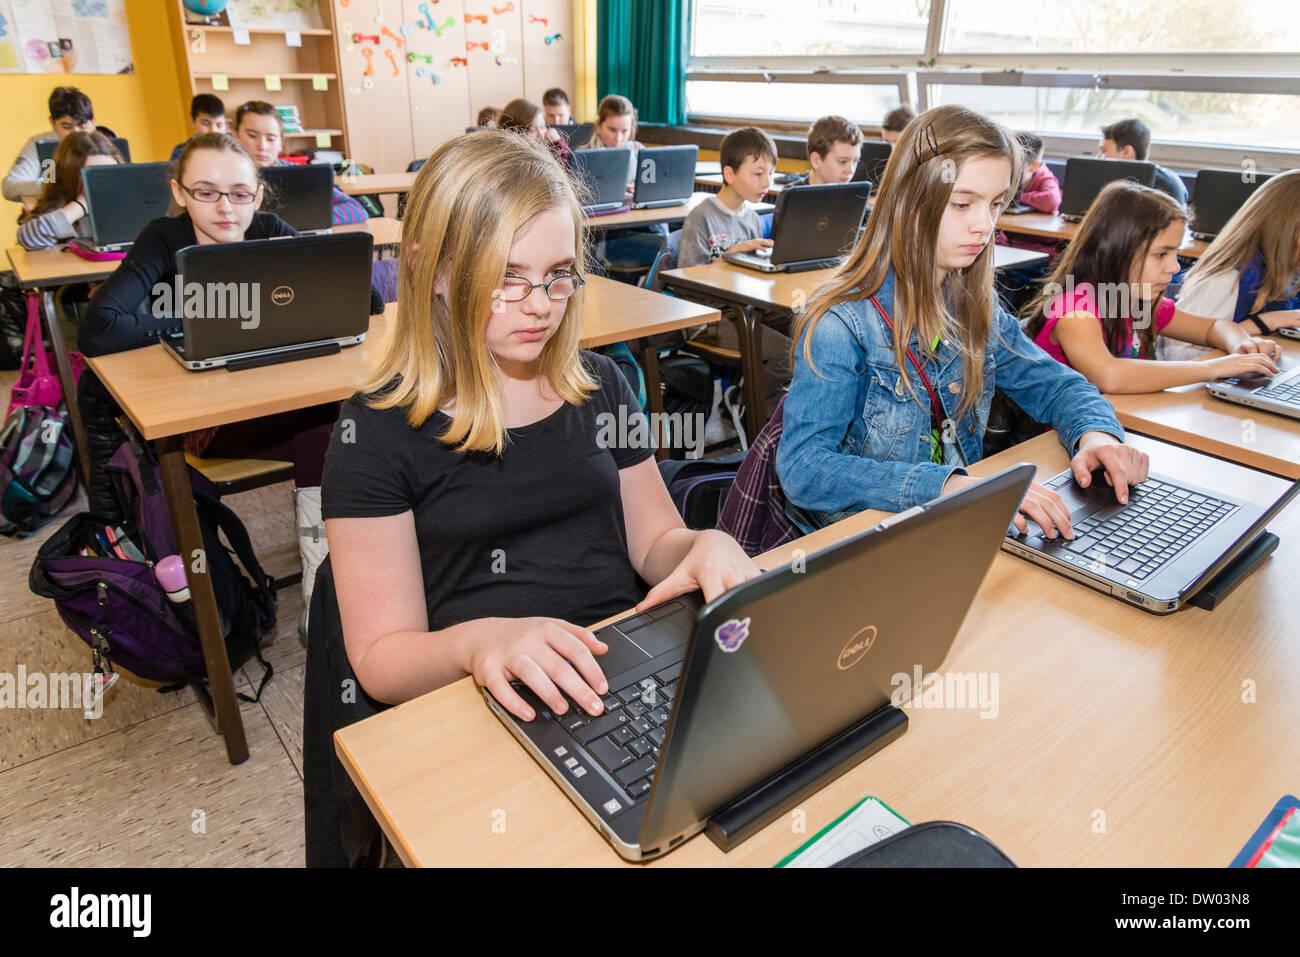 Junior High School Schüler (ca. 12 Jahre alt) arbeiten mit ihren Laptops in ihrem Klassenzimmer. Stockfoto